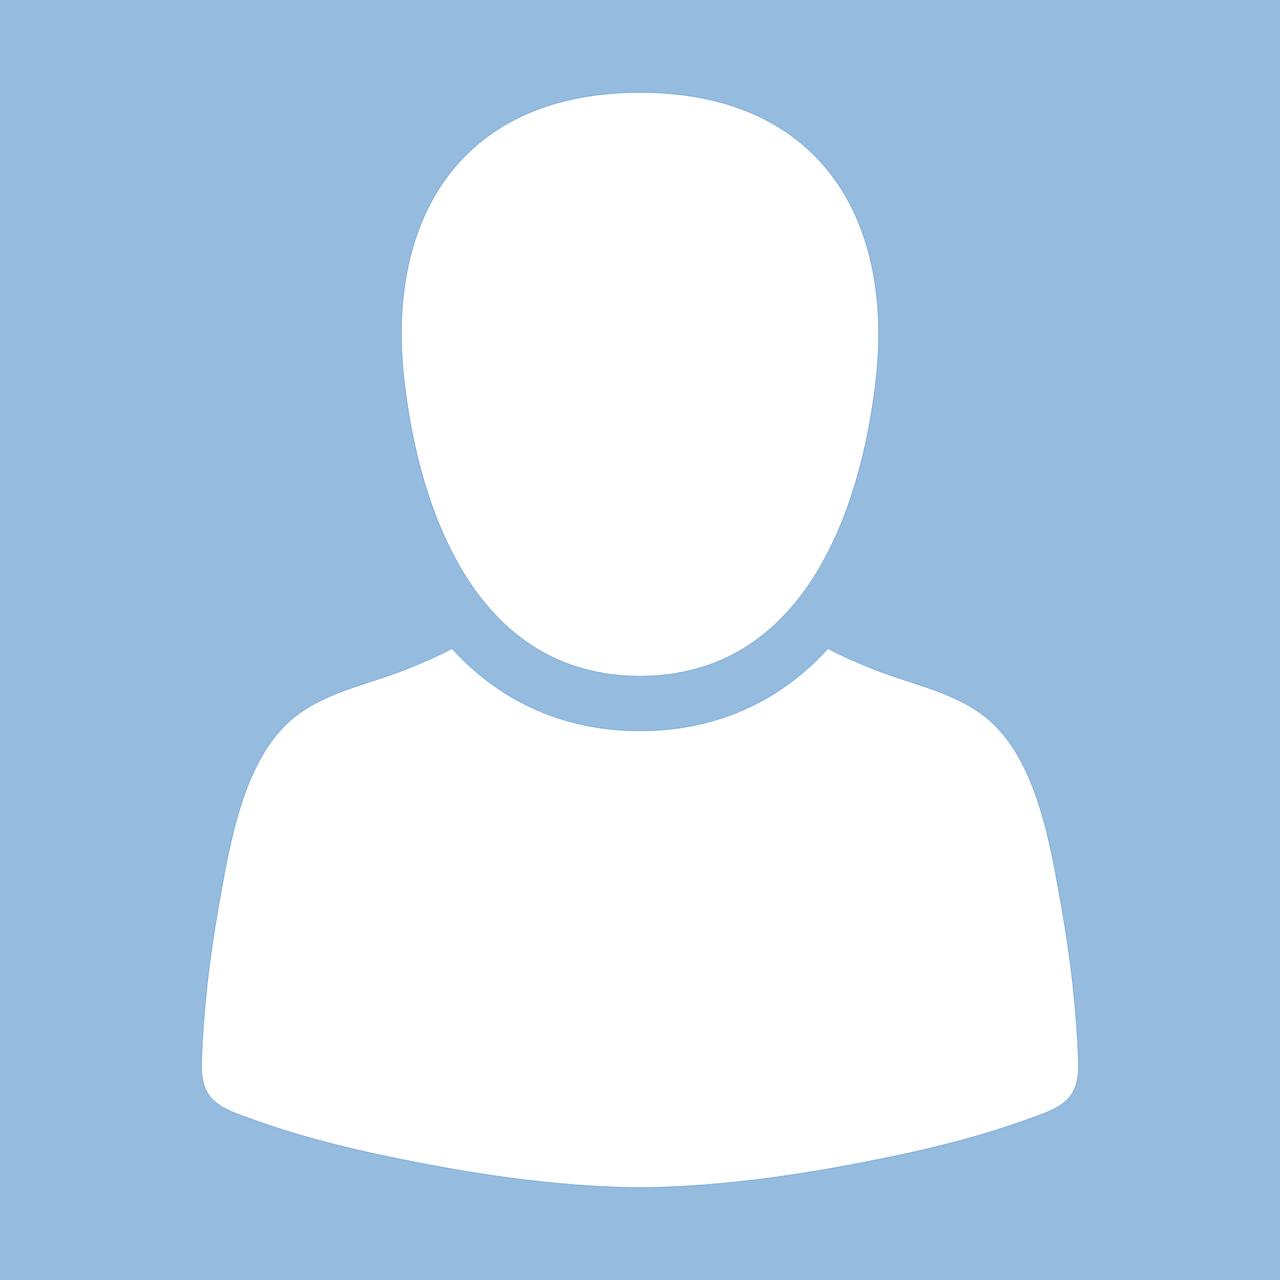 avatar-1577909_1280 (1)